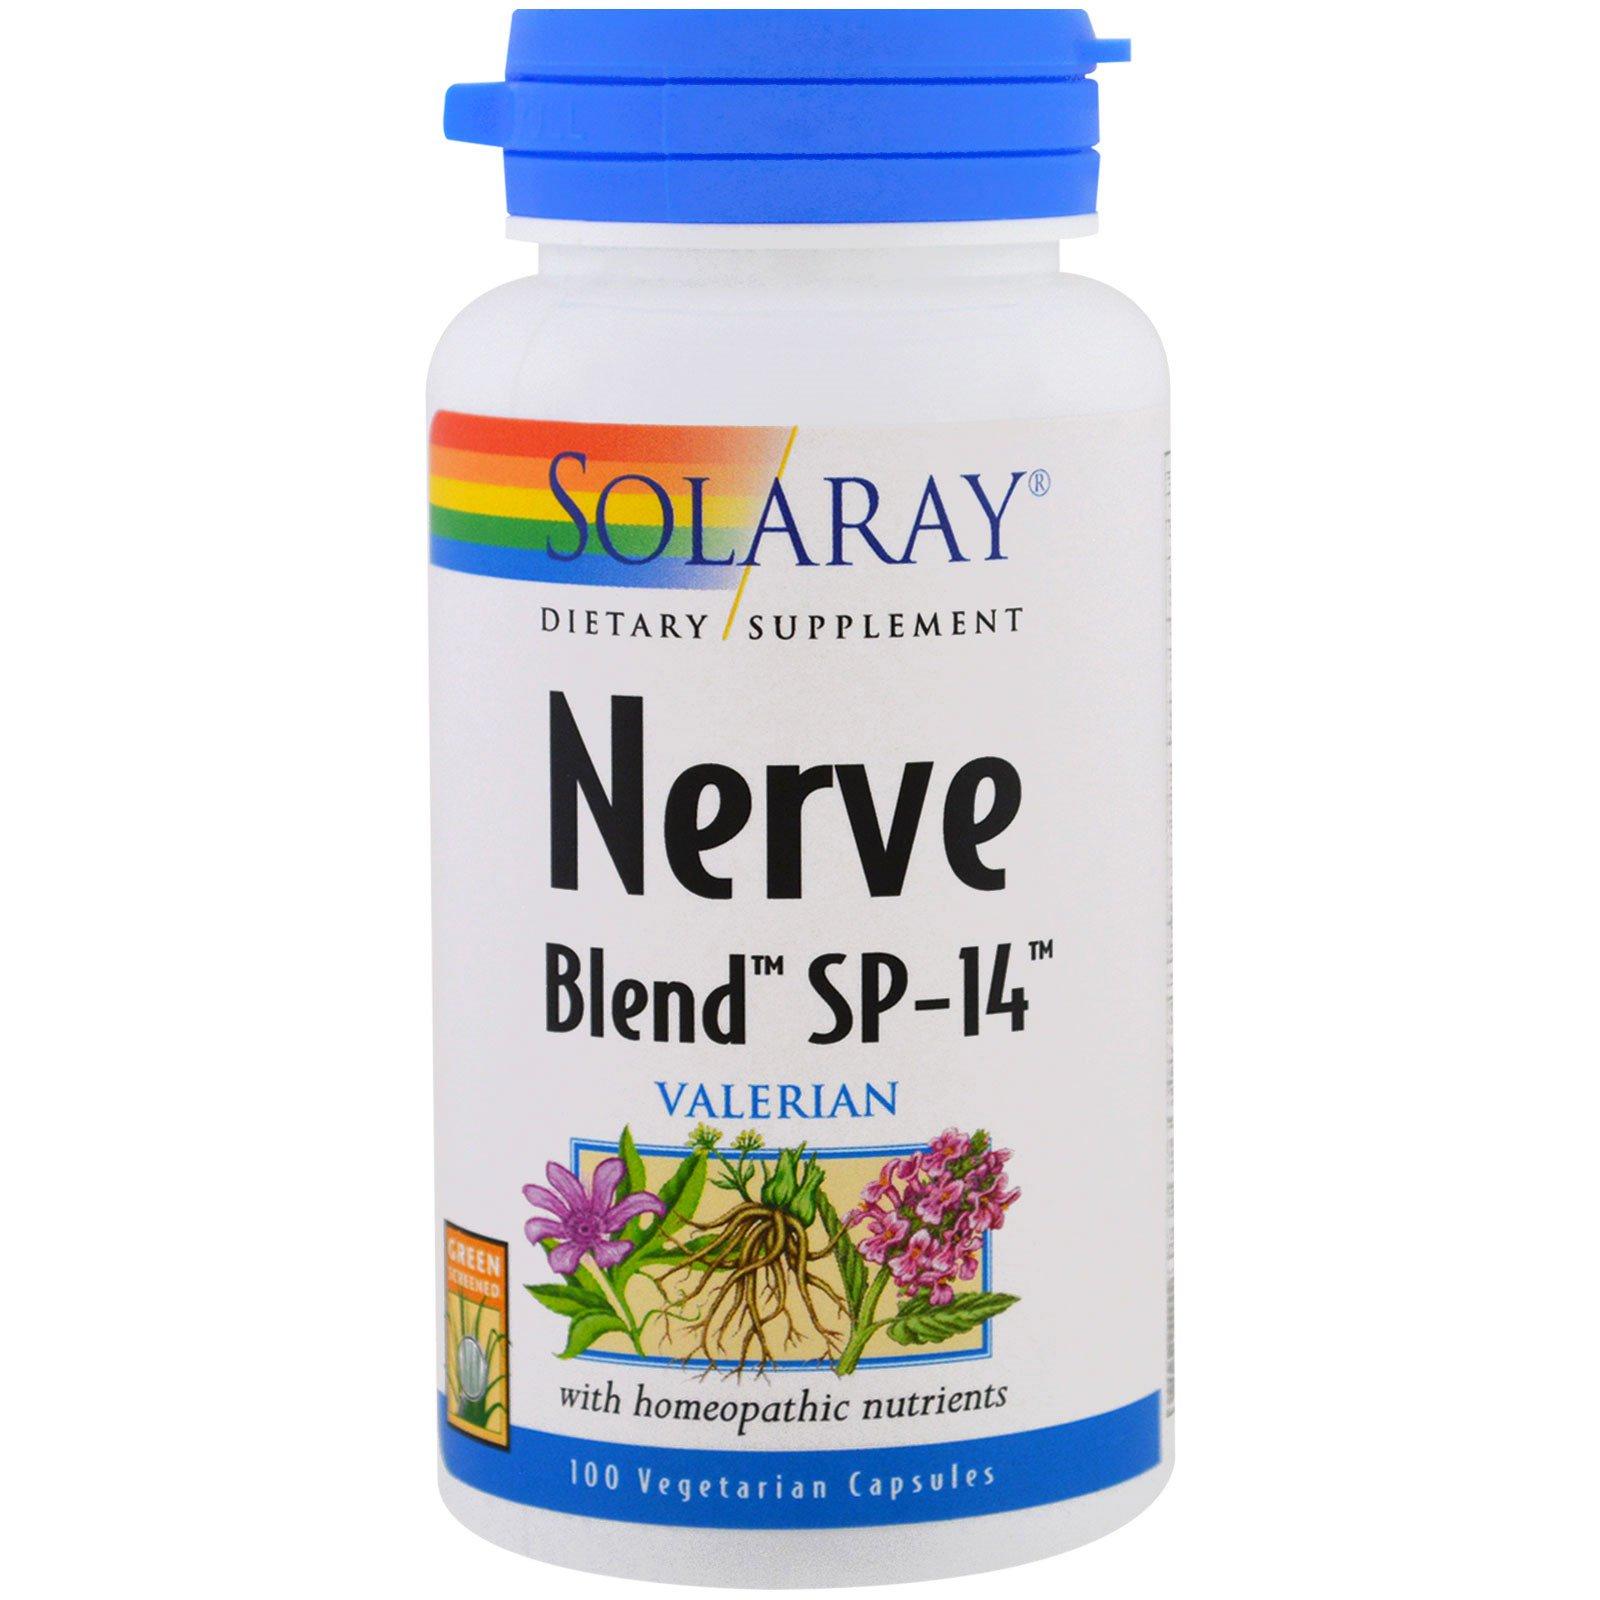 Solaray, Смесь для нервной системы SP-14, 100 капсул в растительной оболочке